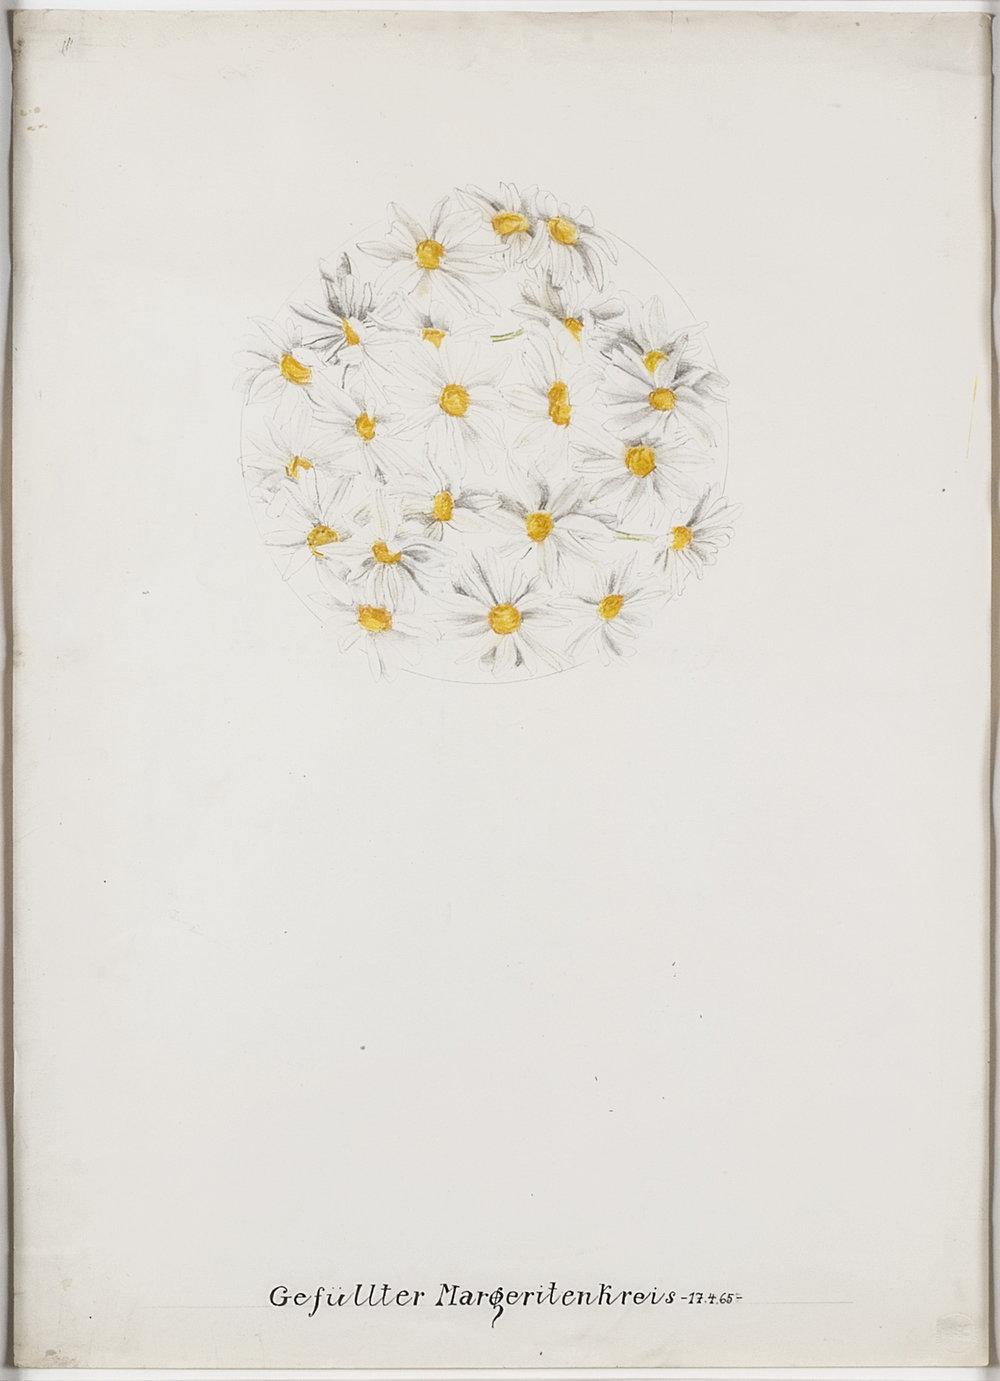 Gefüllter Margeritenkreis | 1965 | Bleistift und Tusche auf Karton | 62 x 44,5 cm